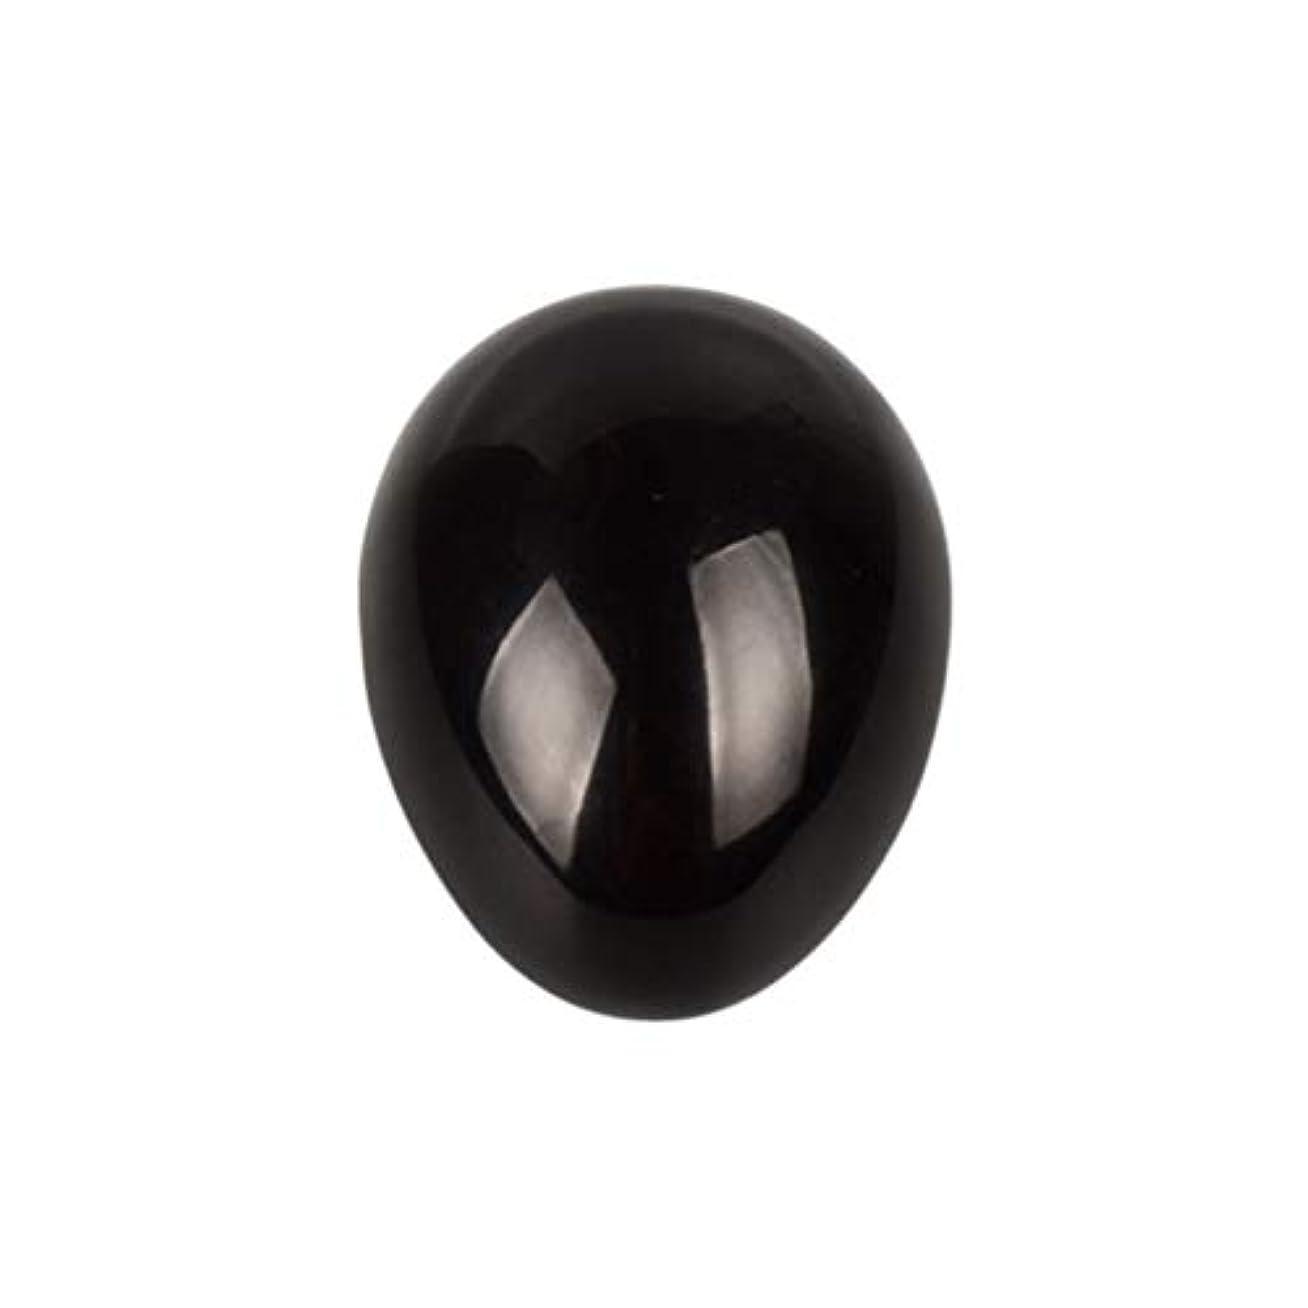 宝石上アクセスHealifty 癒しの瞑想のための黒い黒曜石の宝石の卵球チャクラのバランスと家の装飾45 * 30 * 30ミリメートル